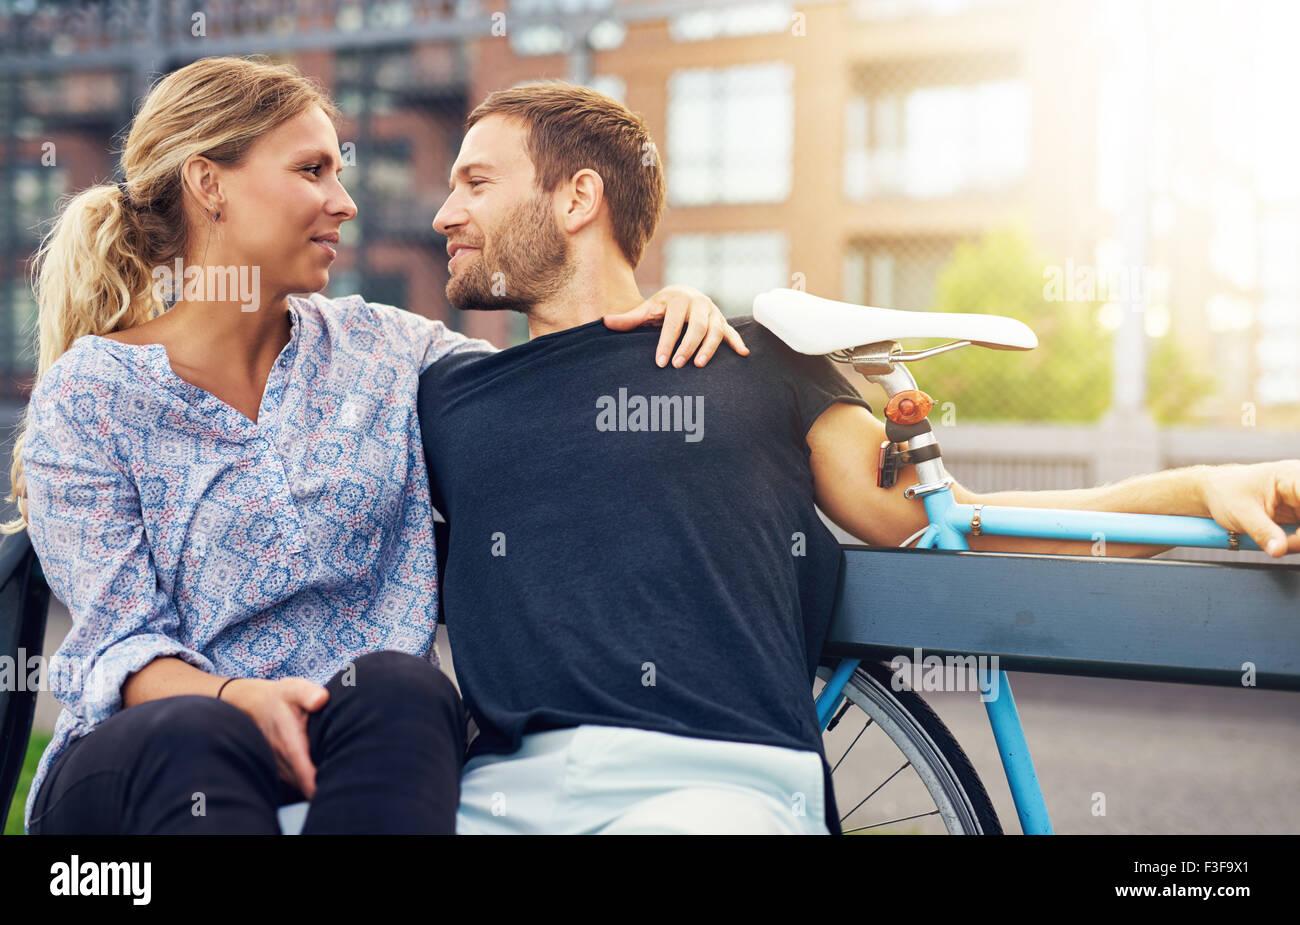 Pareja amorosa en un banco para sentarse en un entorno urbano Imagen De Stock